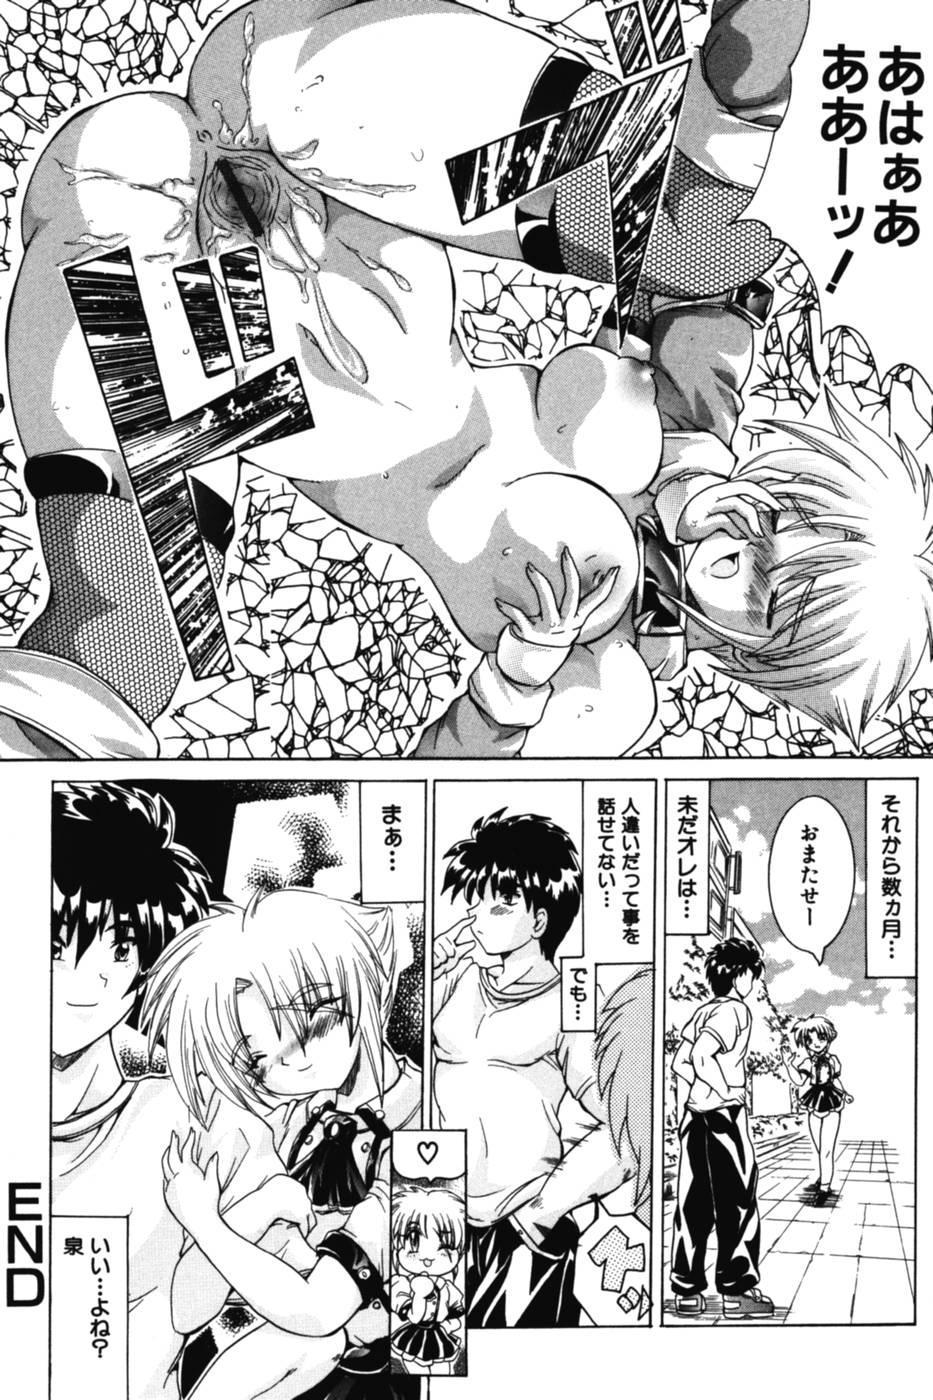 Onee-sama no Yuuwaku 143